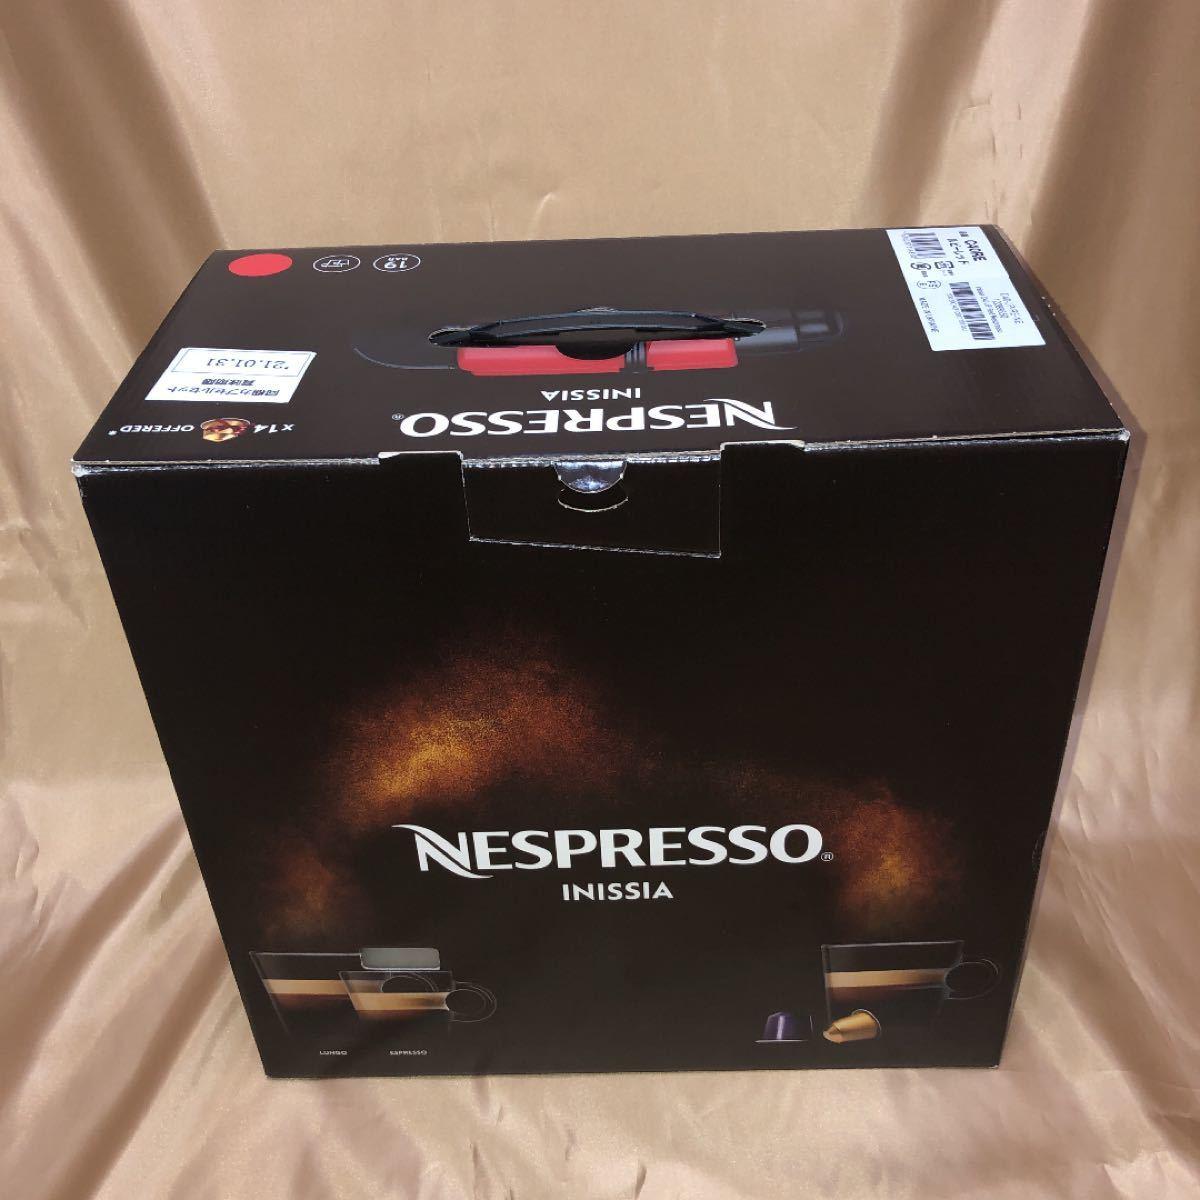 ネスプレッソ コーヒー イニッシア ルビーレッド C40RE